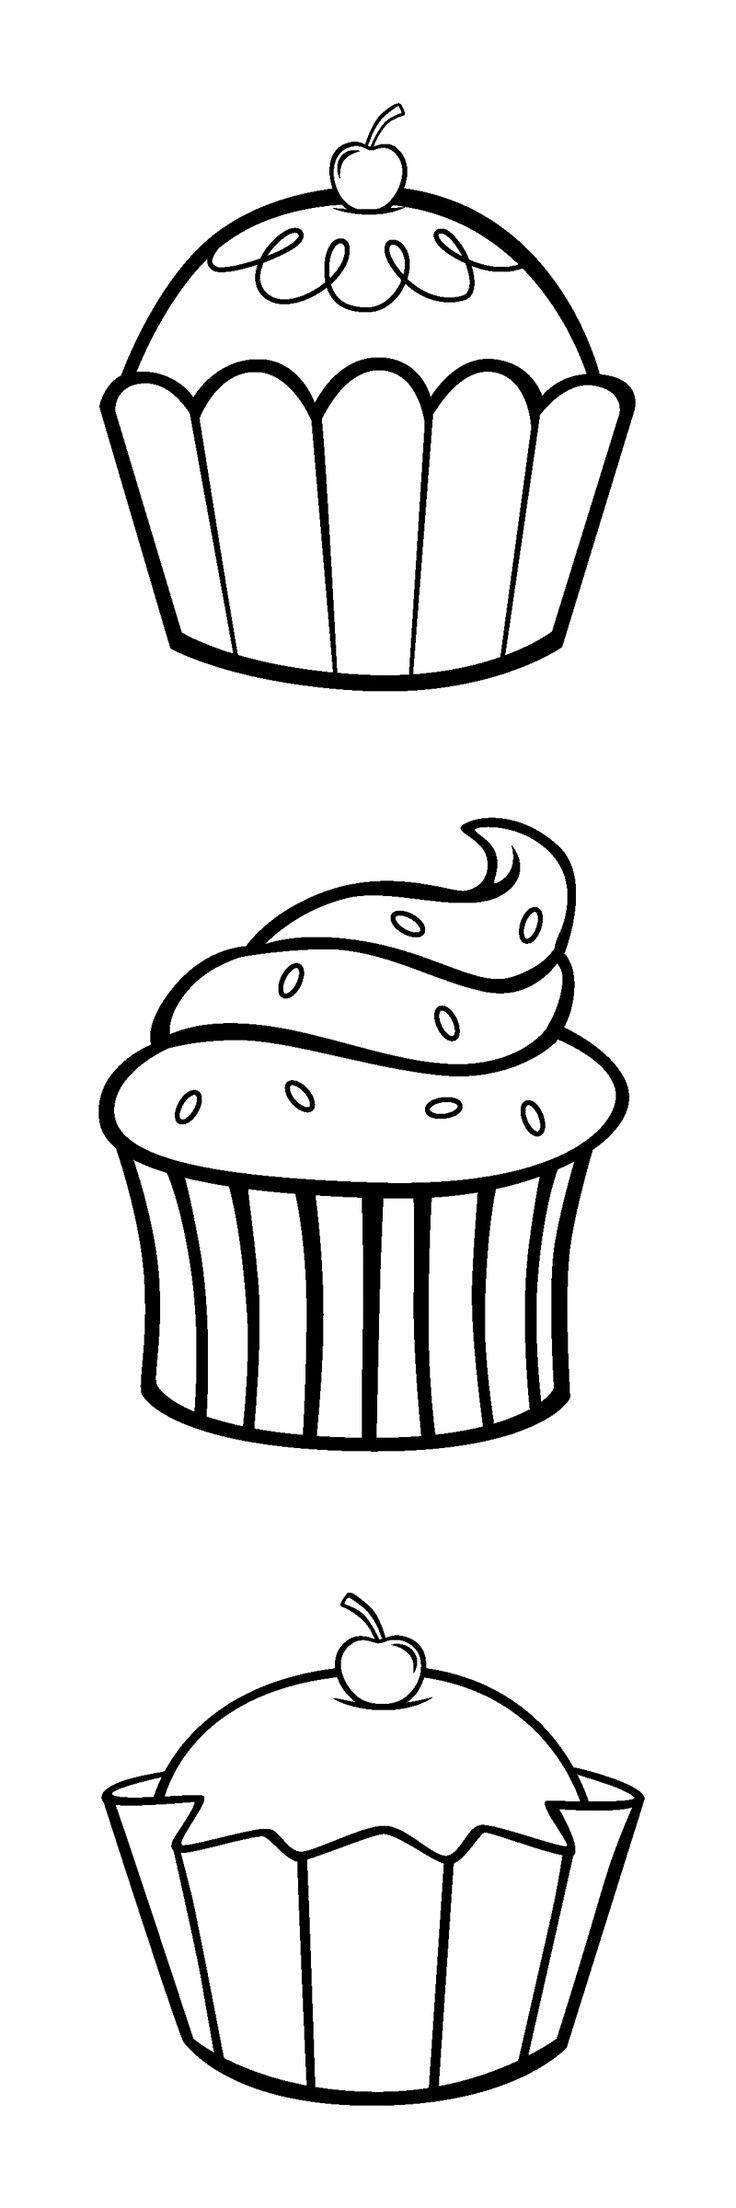 Cup Cake Goruntuler Ile Aplike Oya Ornekleri Boyama Kitaplari